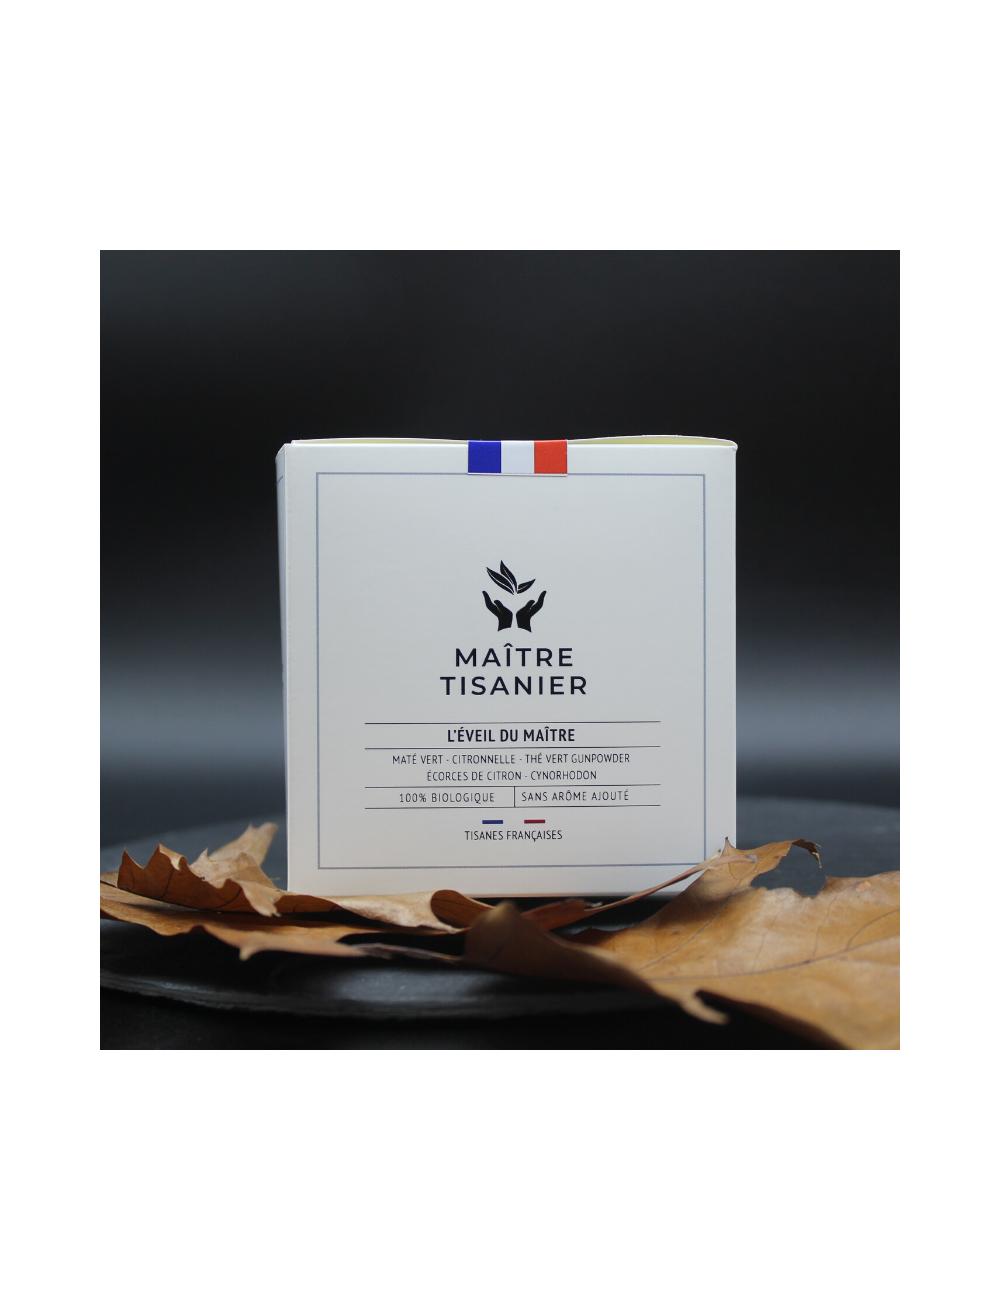 pack de noel maitre tisanier - L'excellence des tisanes françaises avec le Maître Tisanier